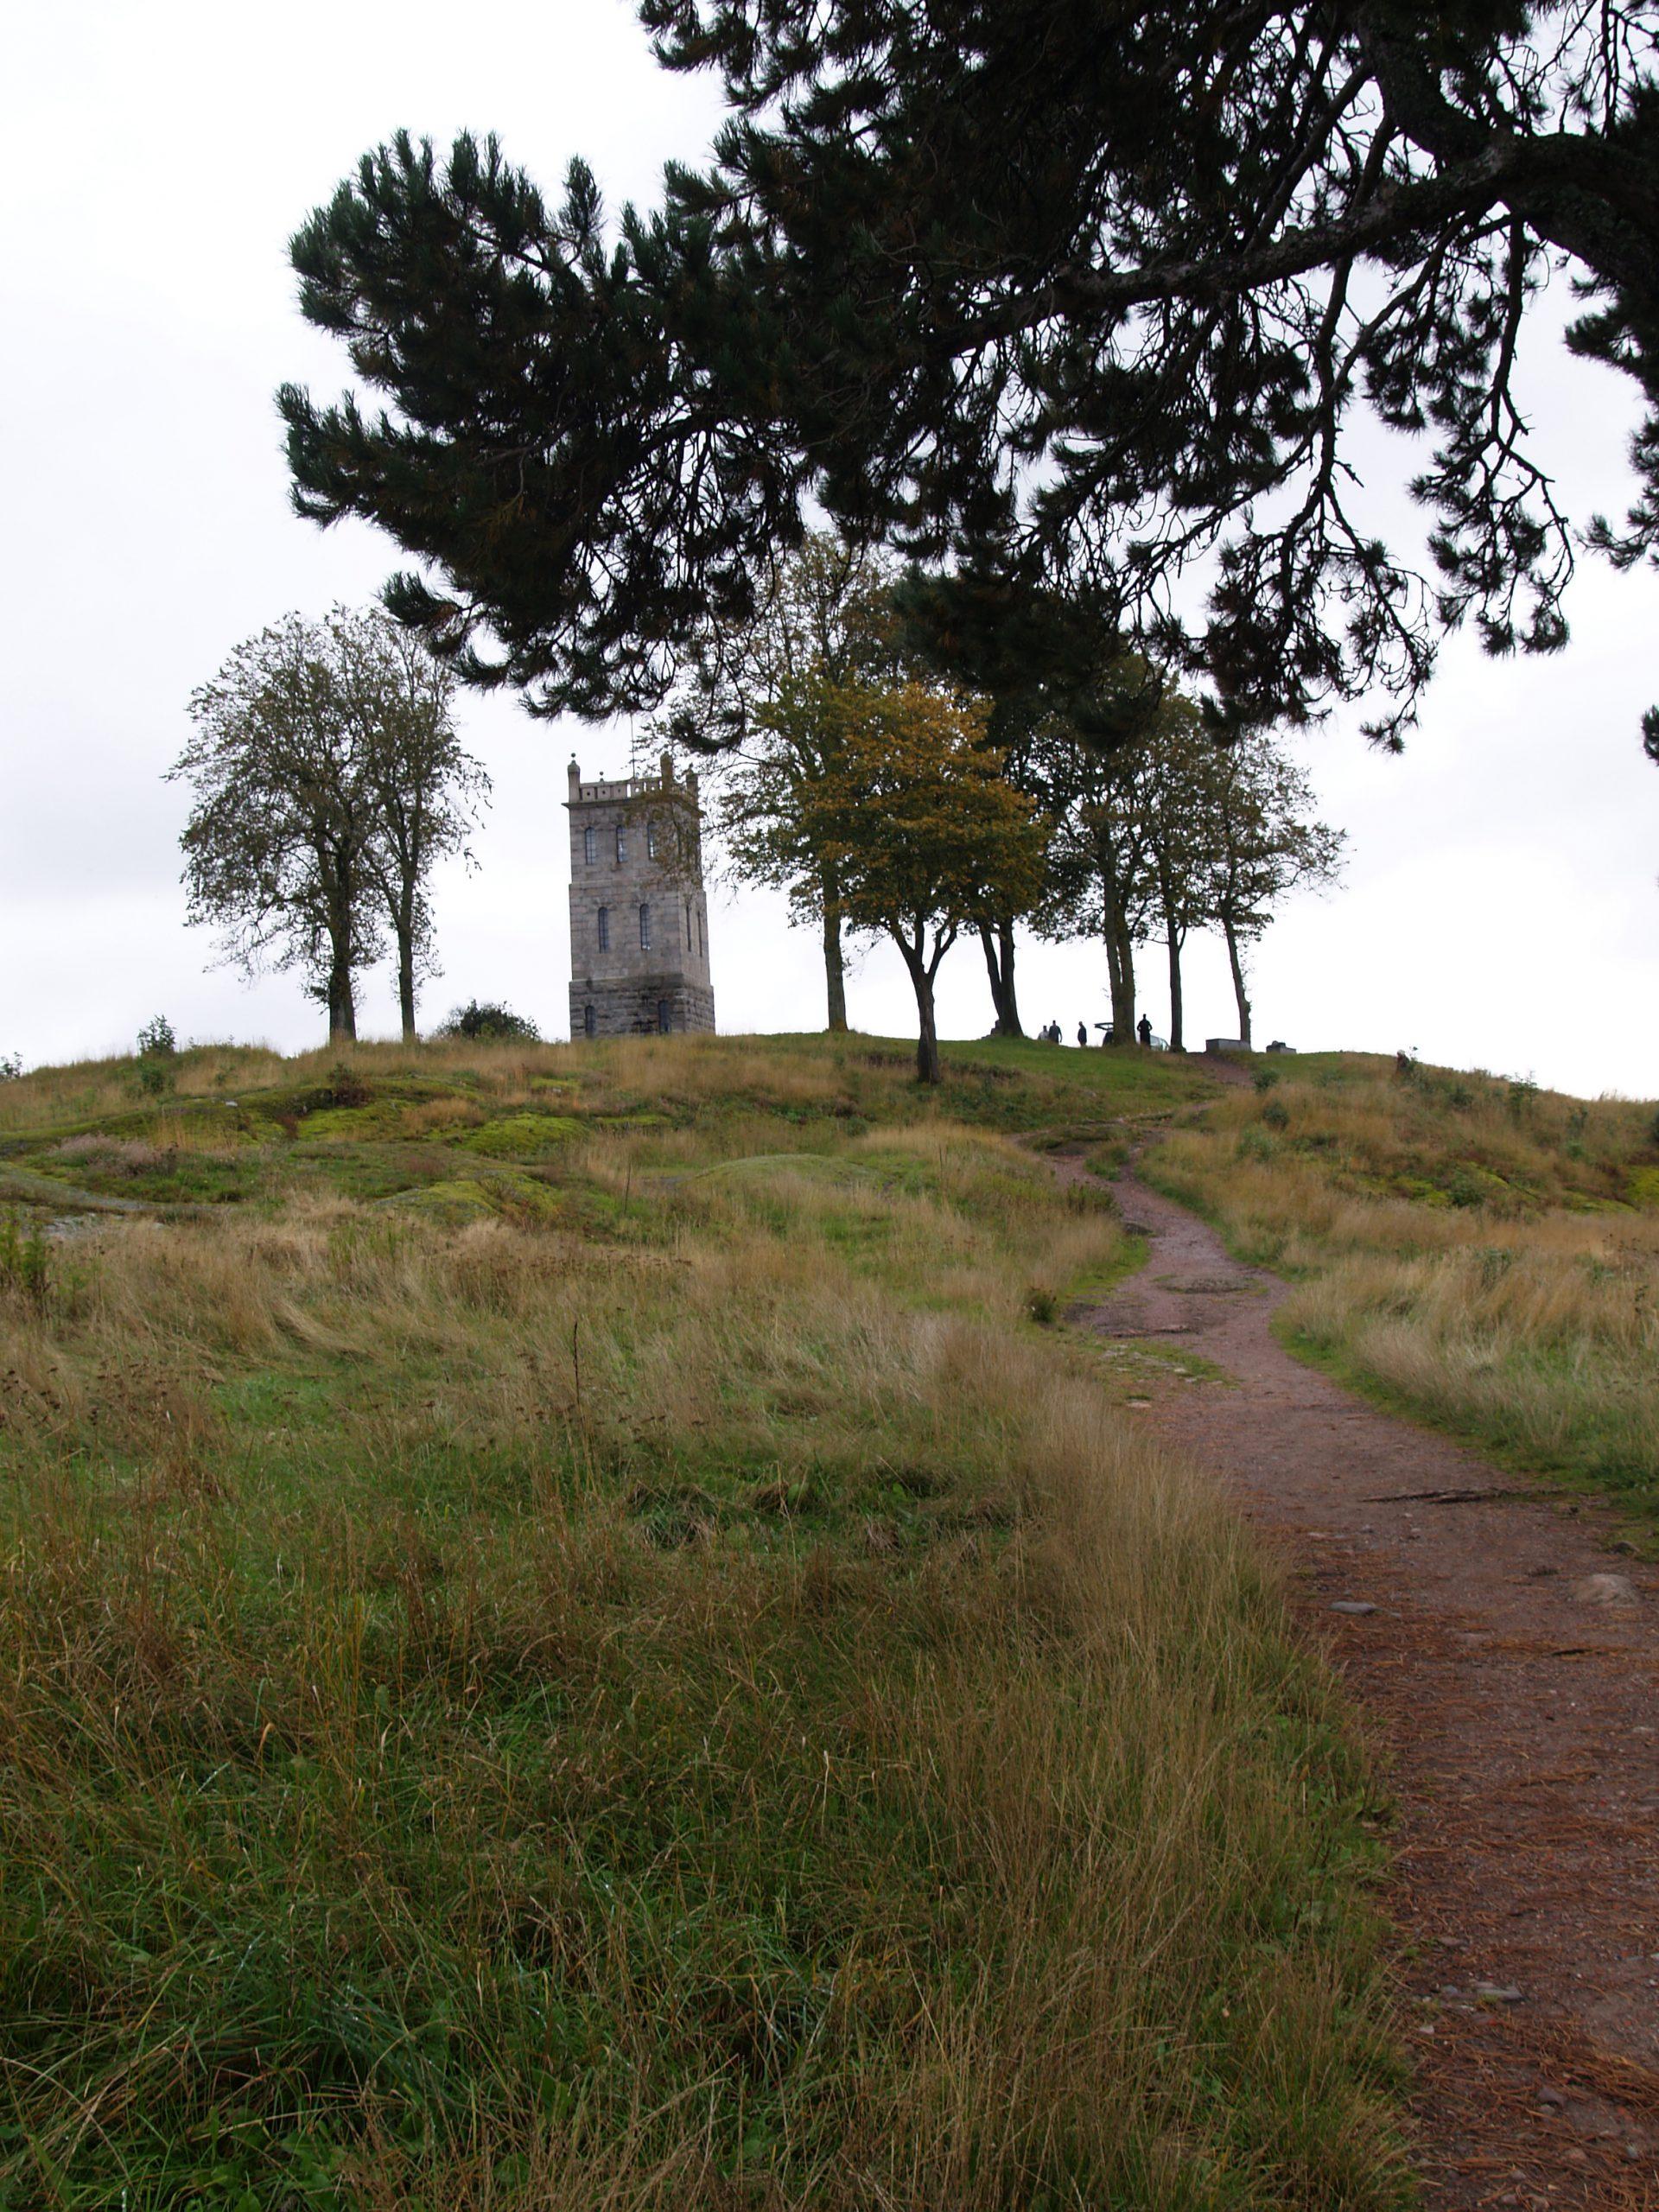 Bilde av slottsfjelltårnet. Tårnet på Slottsfjellet ble reist i 1888 på privat initiativ i forbindelse med Tønsberg bys tusenårsjubileum. Fotograf Synne Vik Torsdottir, Riksantikvaren